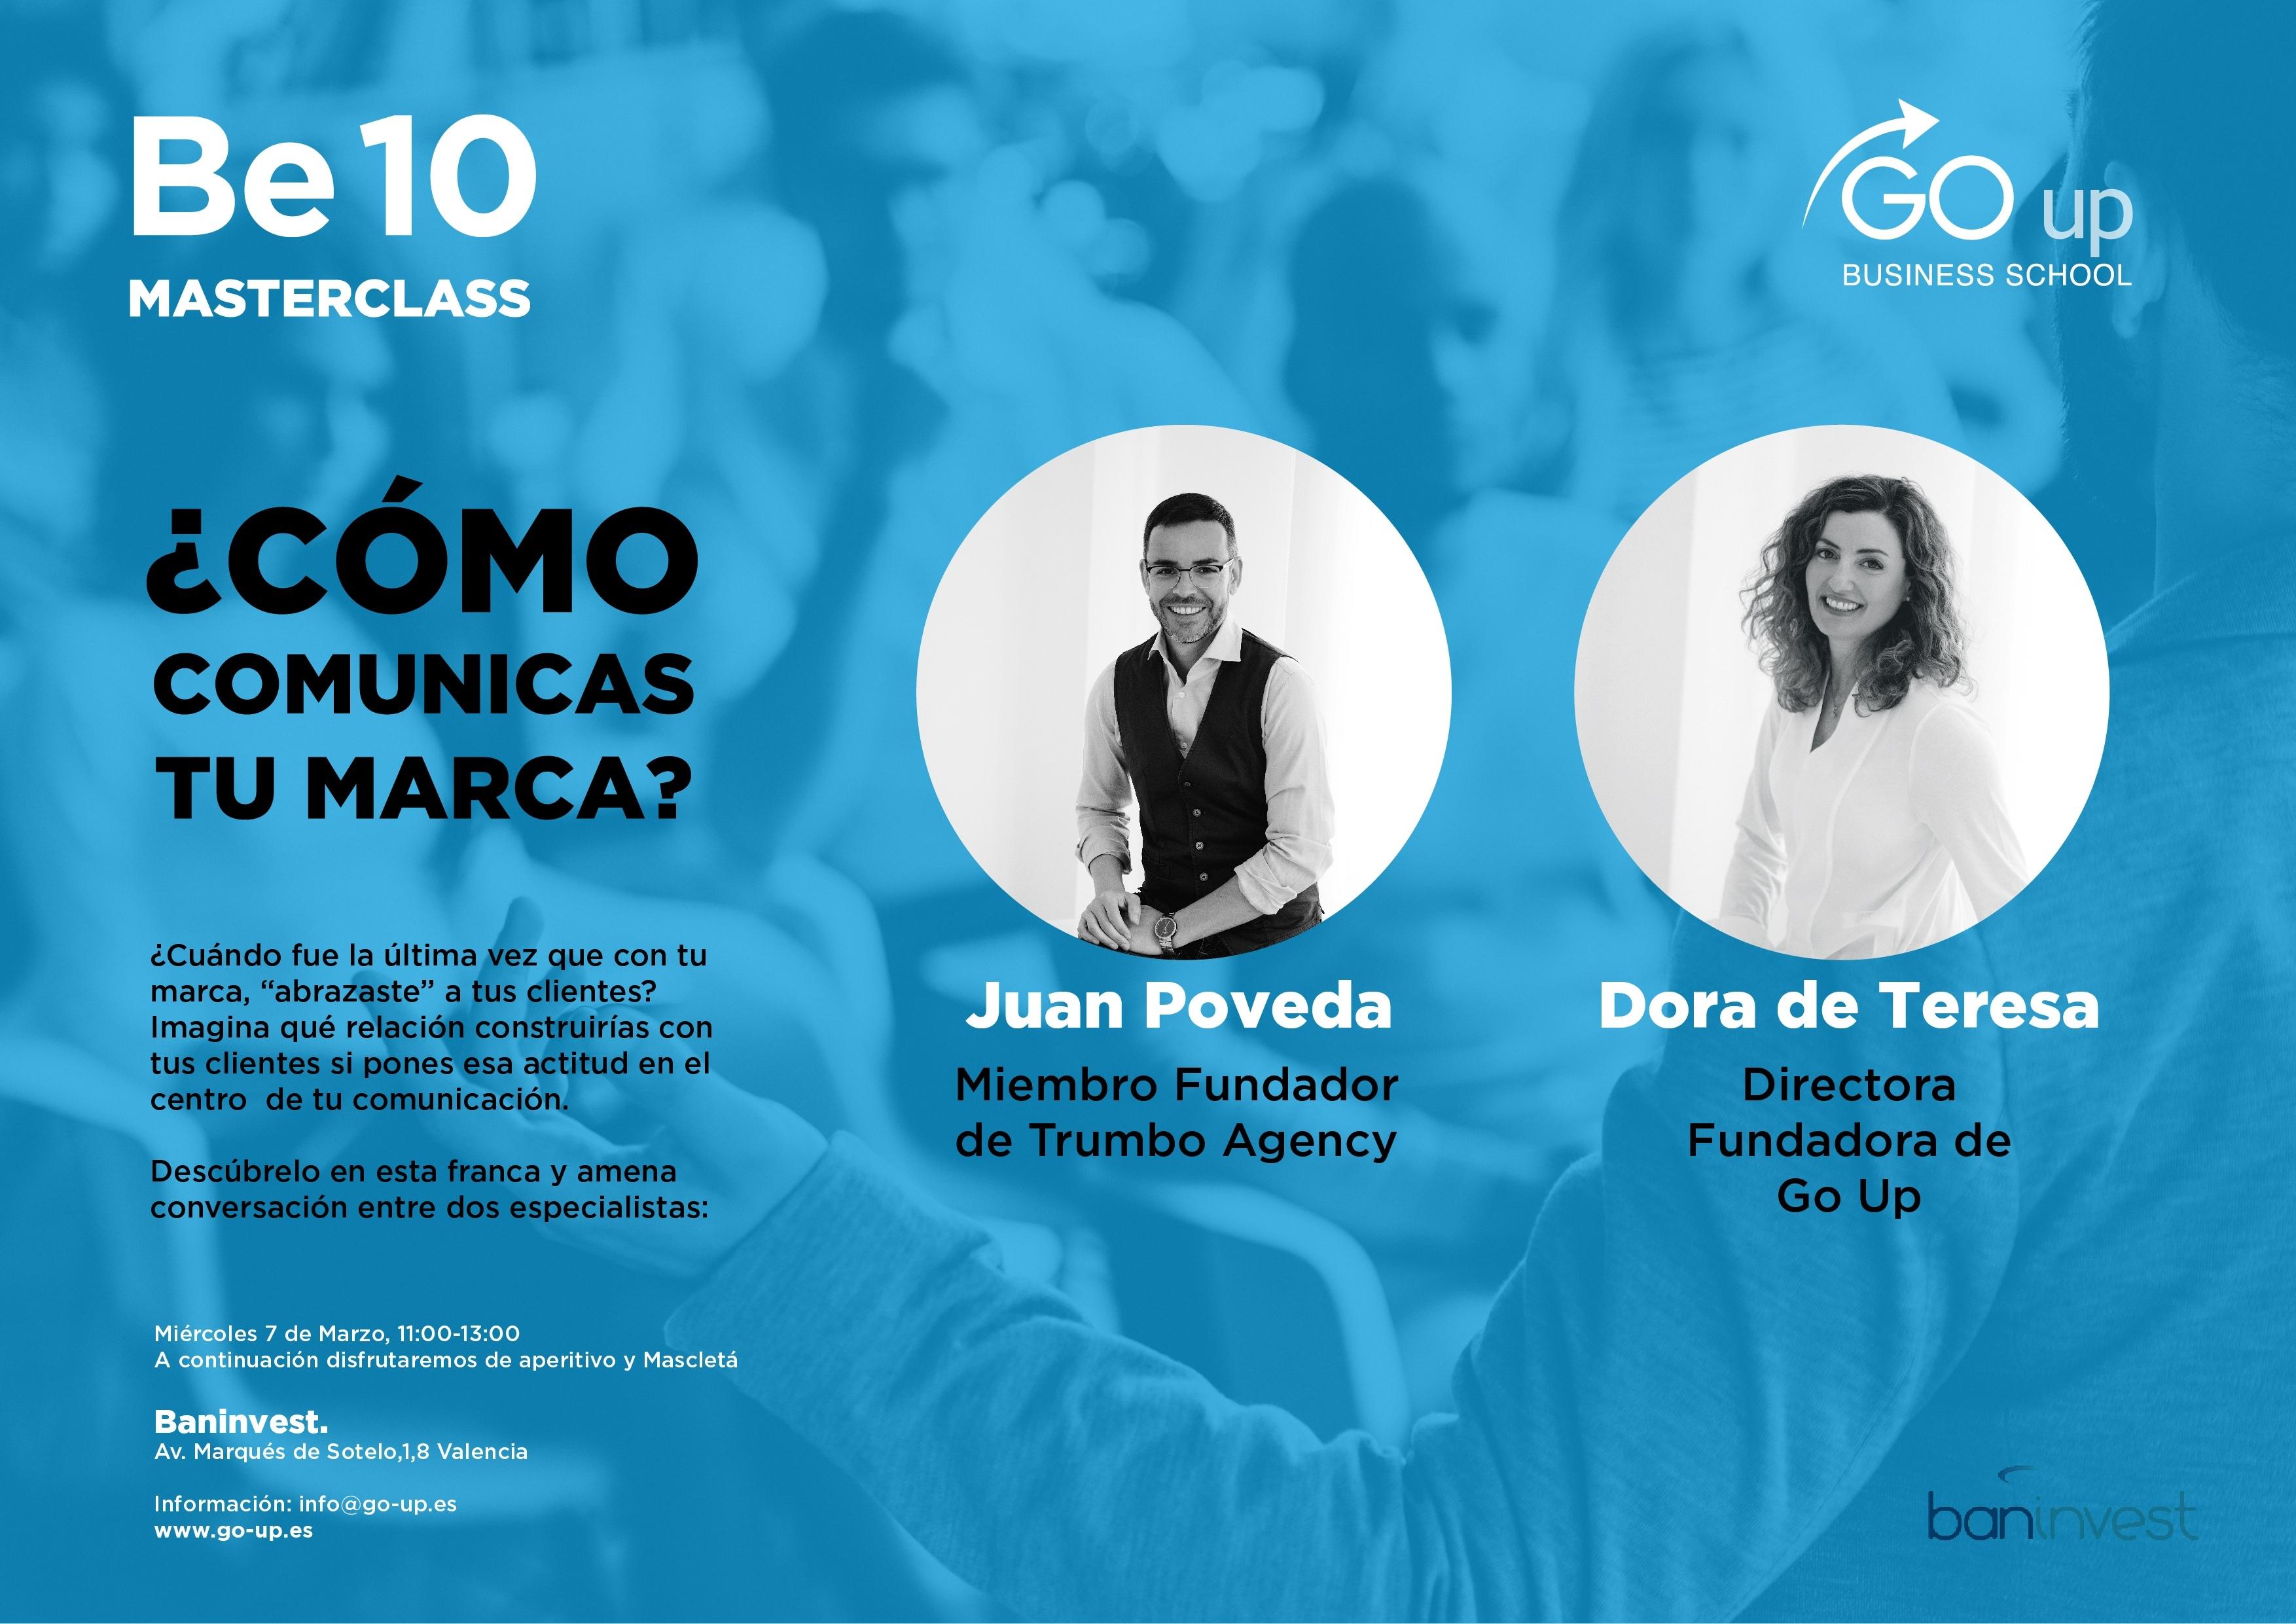 Juan Poveda nos enamora con una Másterclass Be 10 de Comunicación y marca